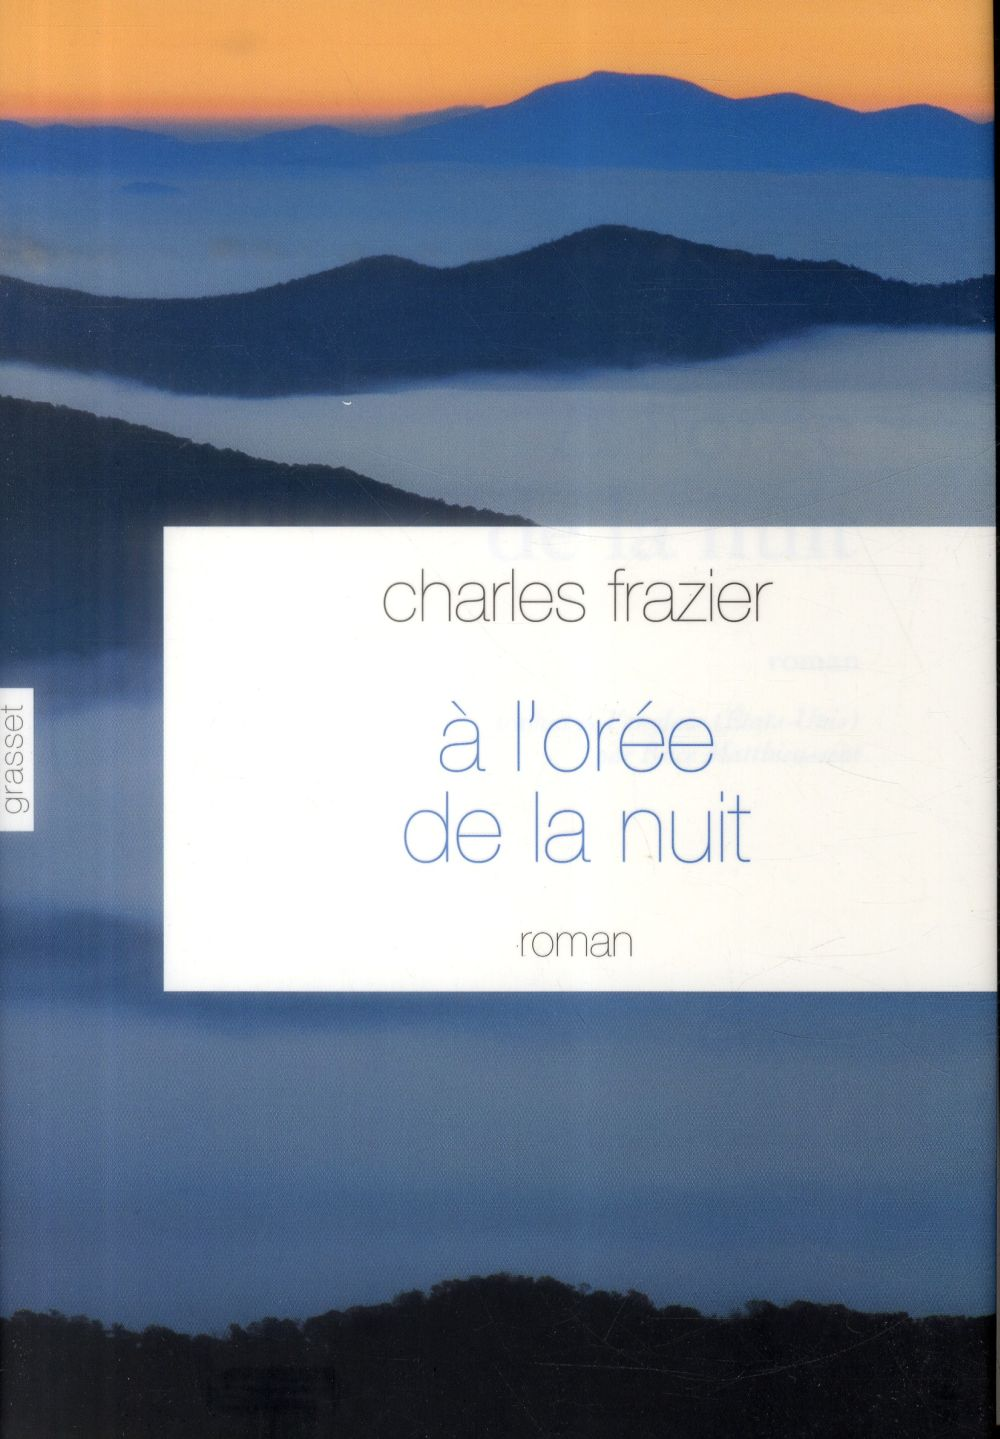 """Evelyne-Patricia, lectrice du mois, a lu """"À l'orée de la nuit"""" de Charles Frazier"""